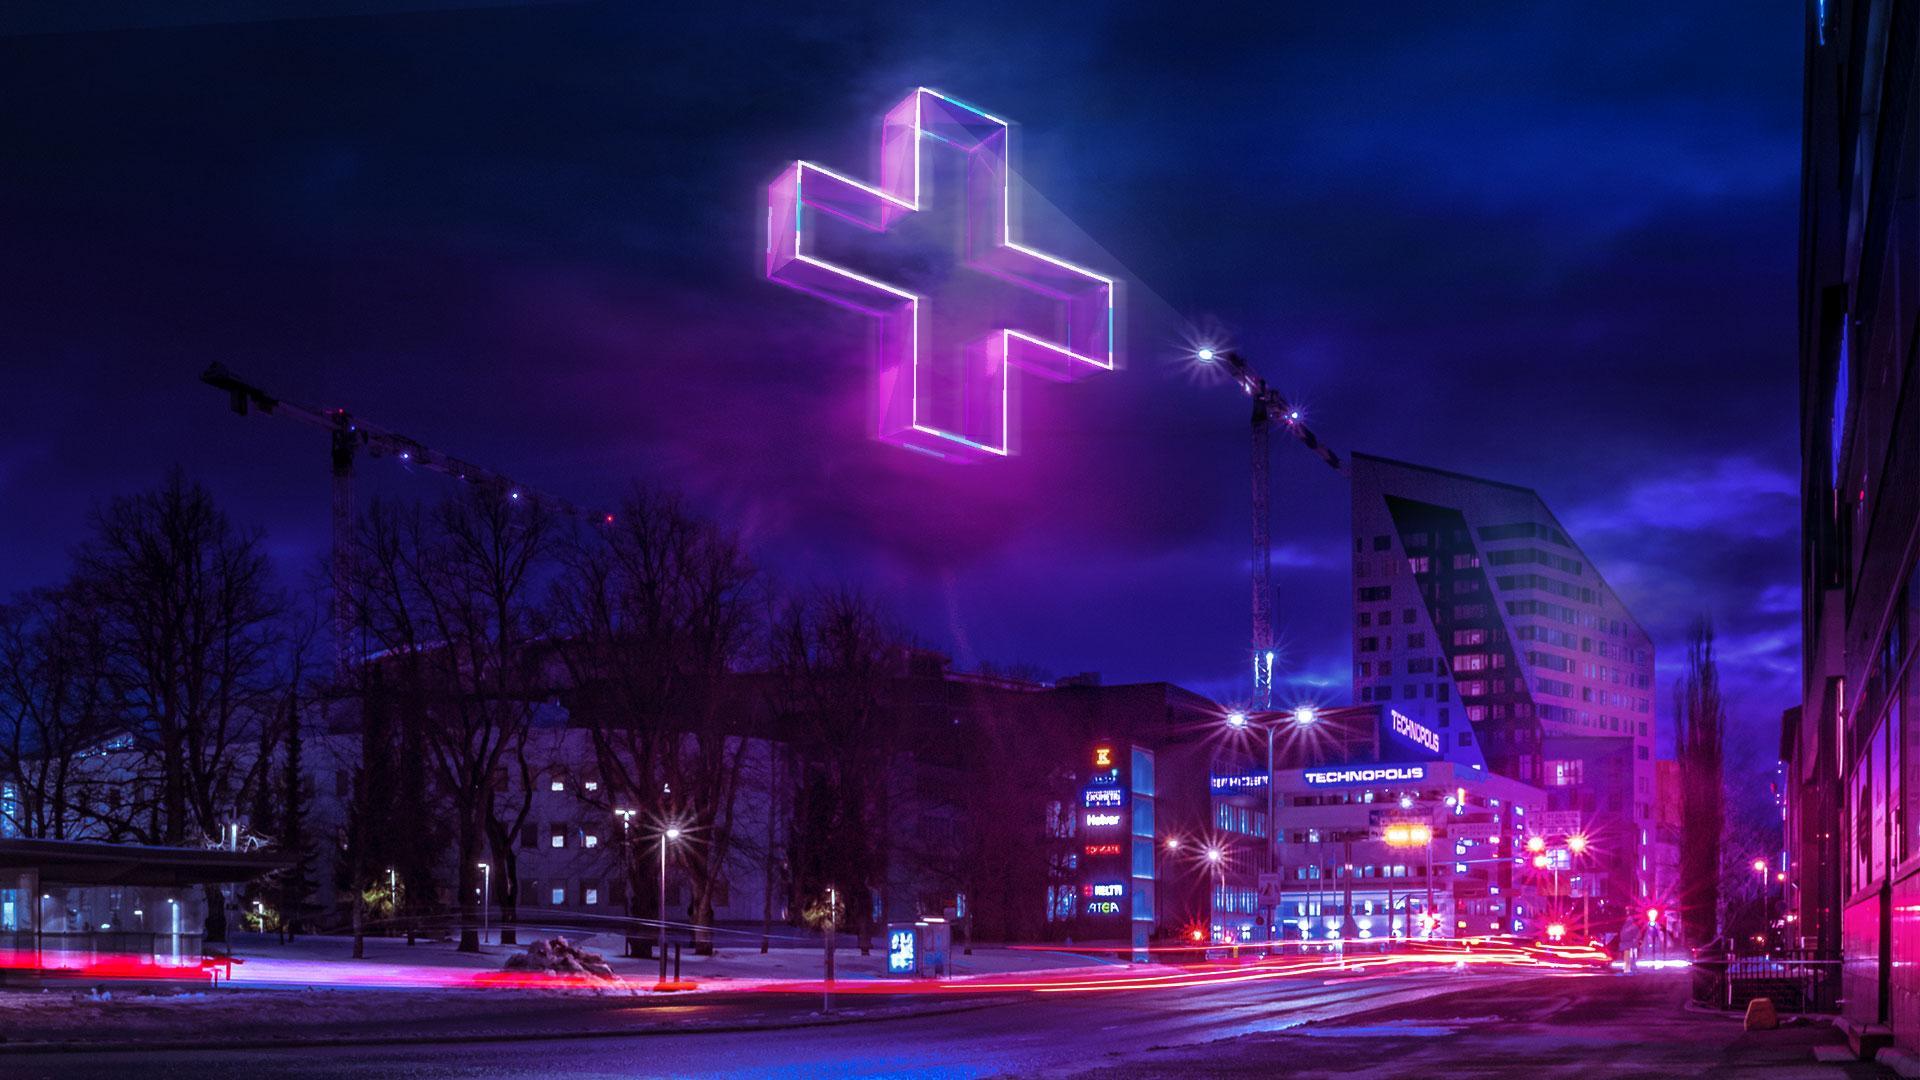 Futuristinen näkymä kaupungista